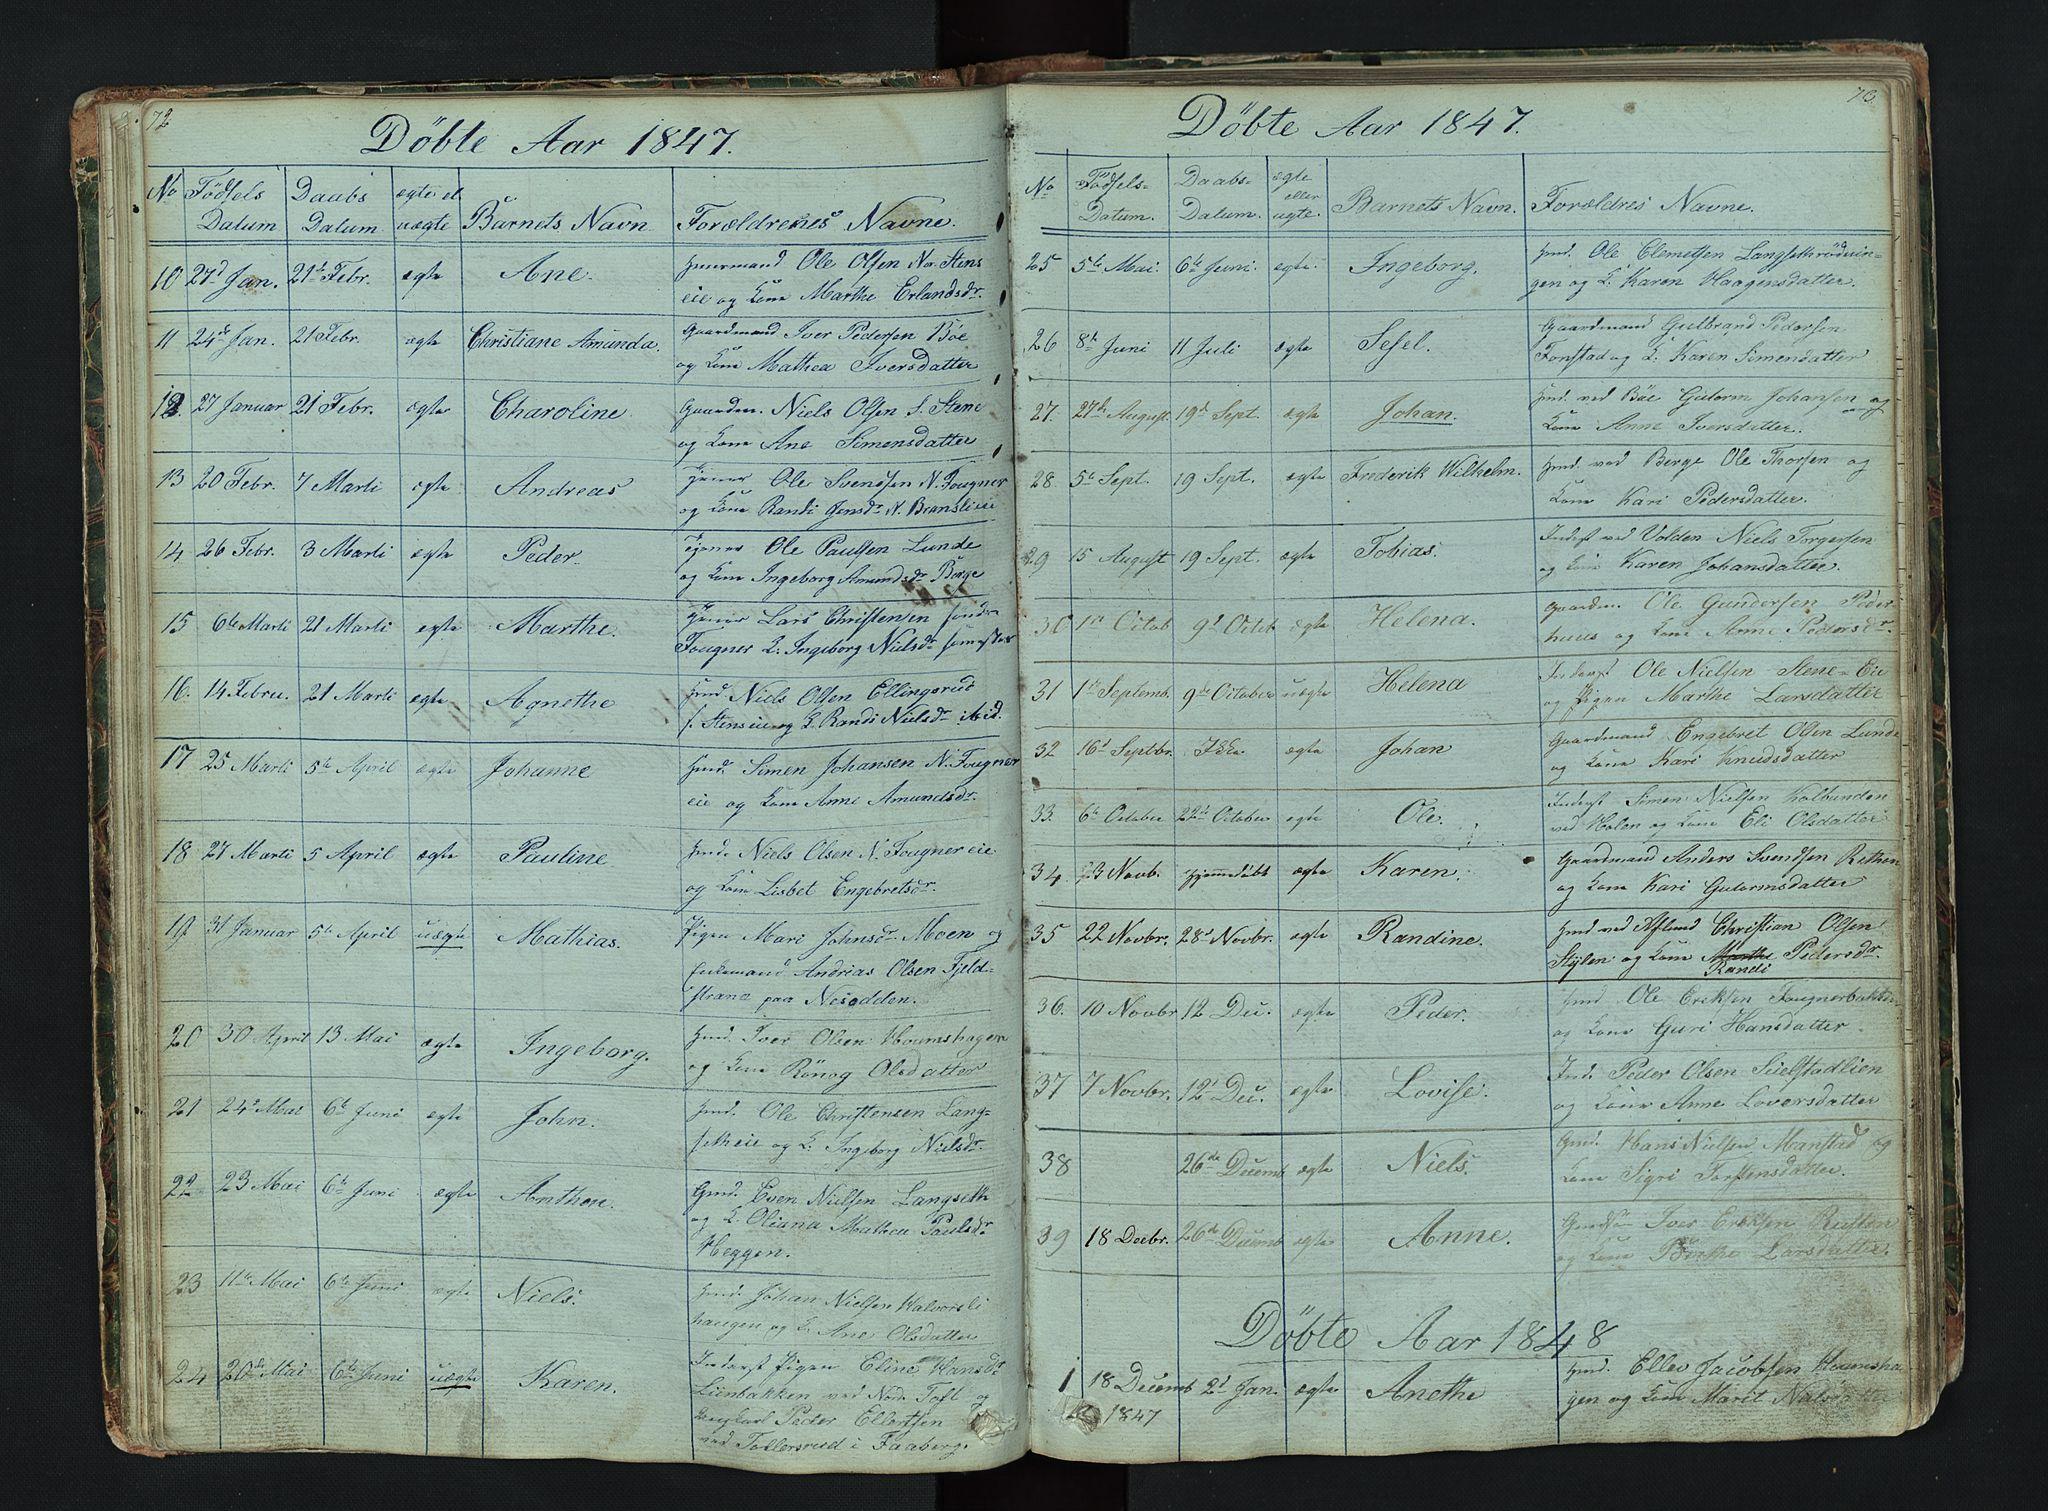 SAH, Gausdal prestekontor, Klokkerbok nr. 6, 1846-1893, s. 72-73